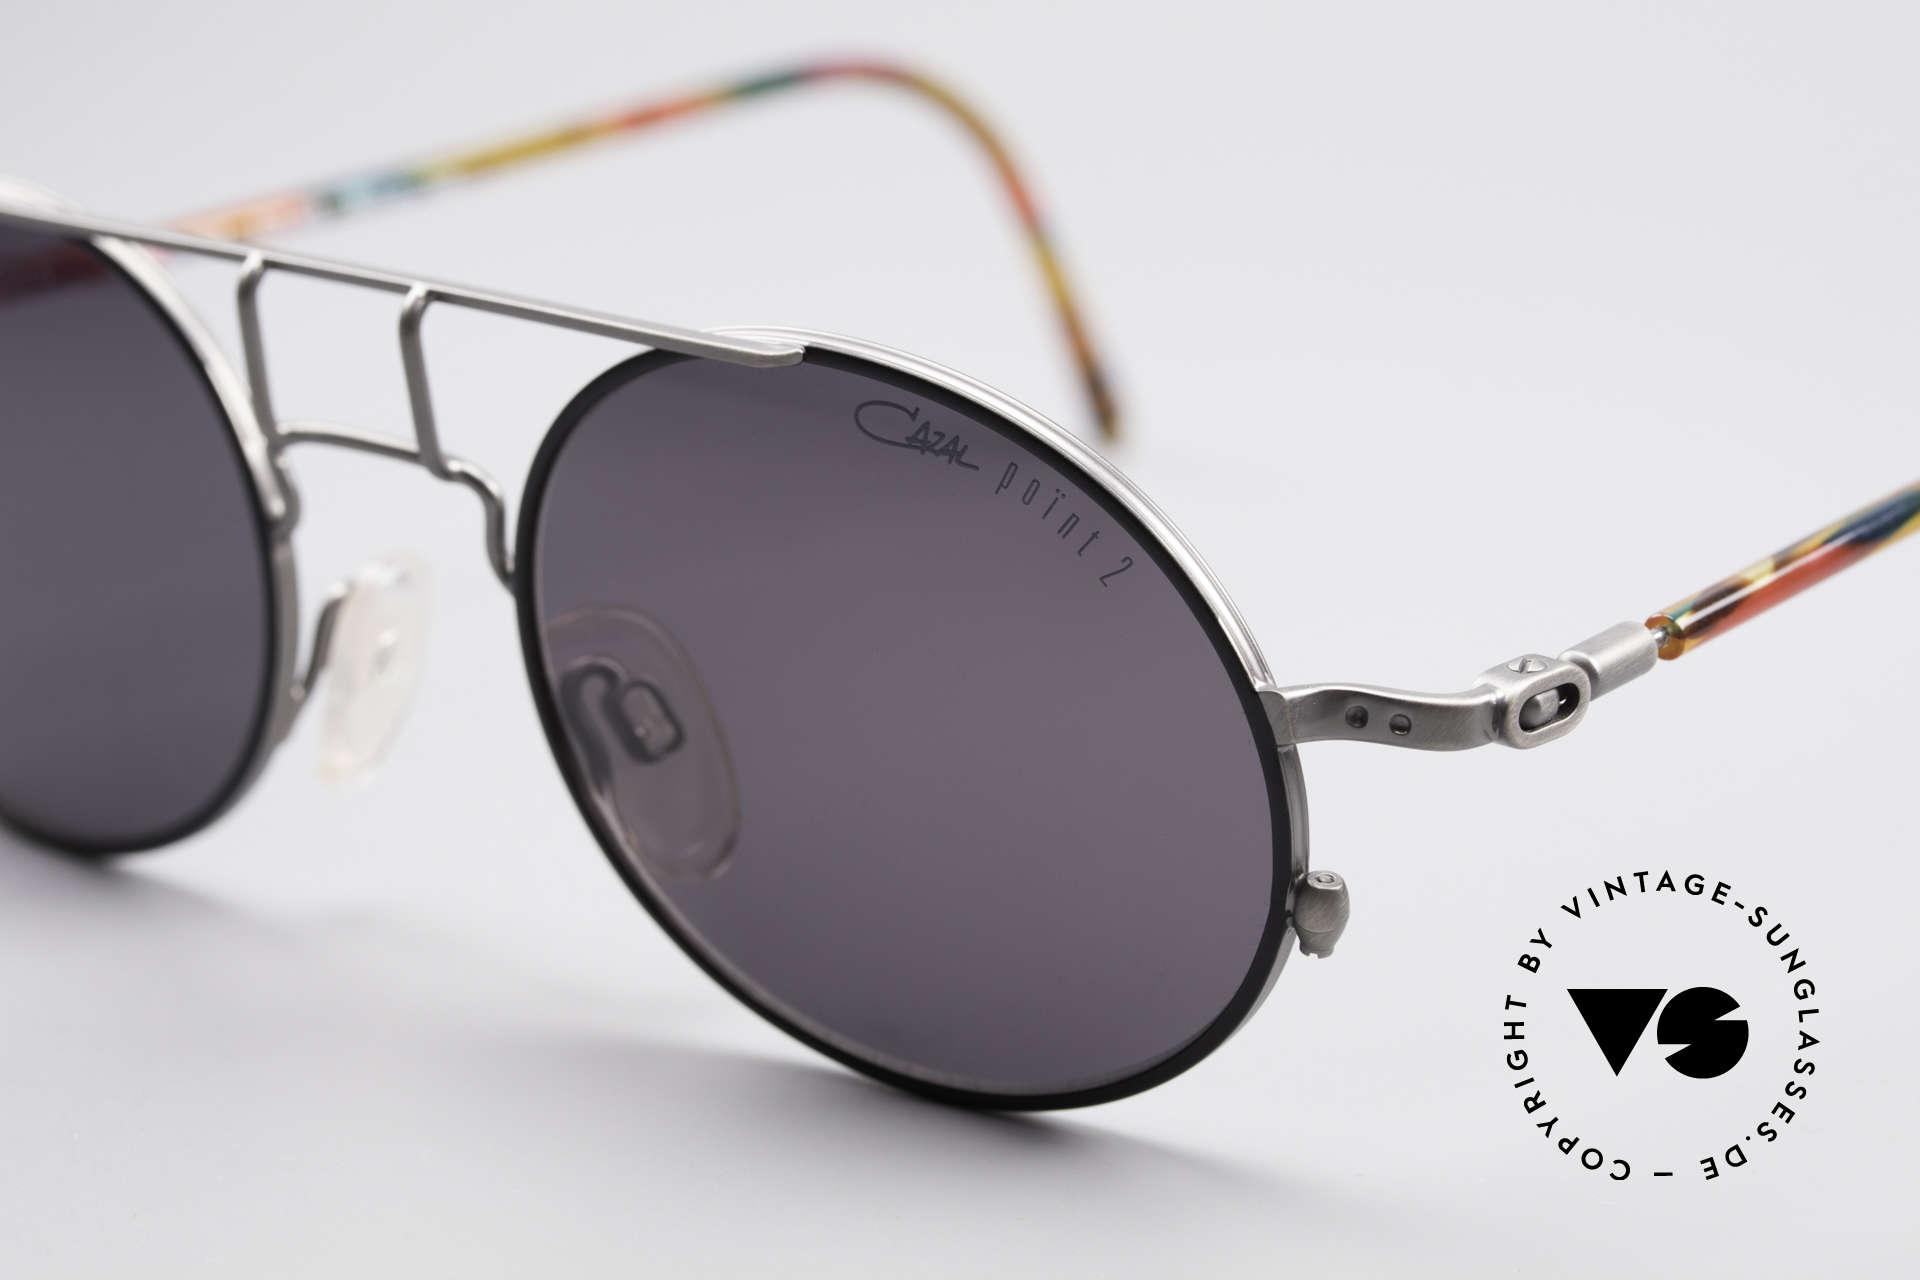 Cazal 1201 - Point 2 90er Industrial Sonnenbrille, ungetragen (wie alle unsere vintage Designer-Brillen), Passend für Herren